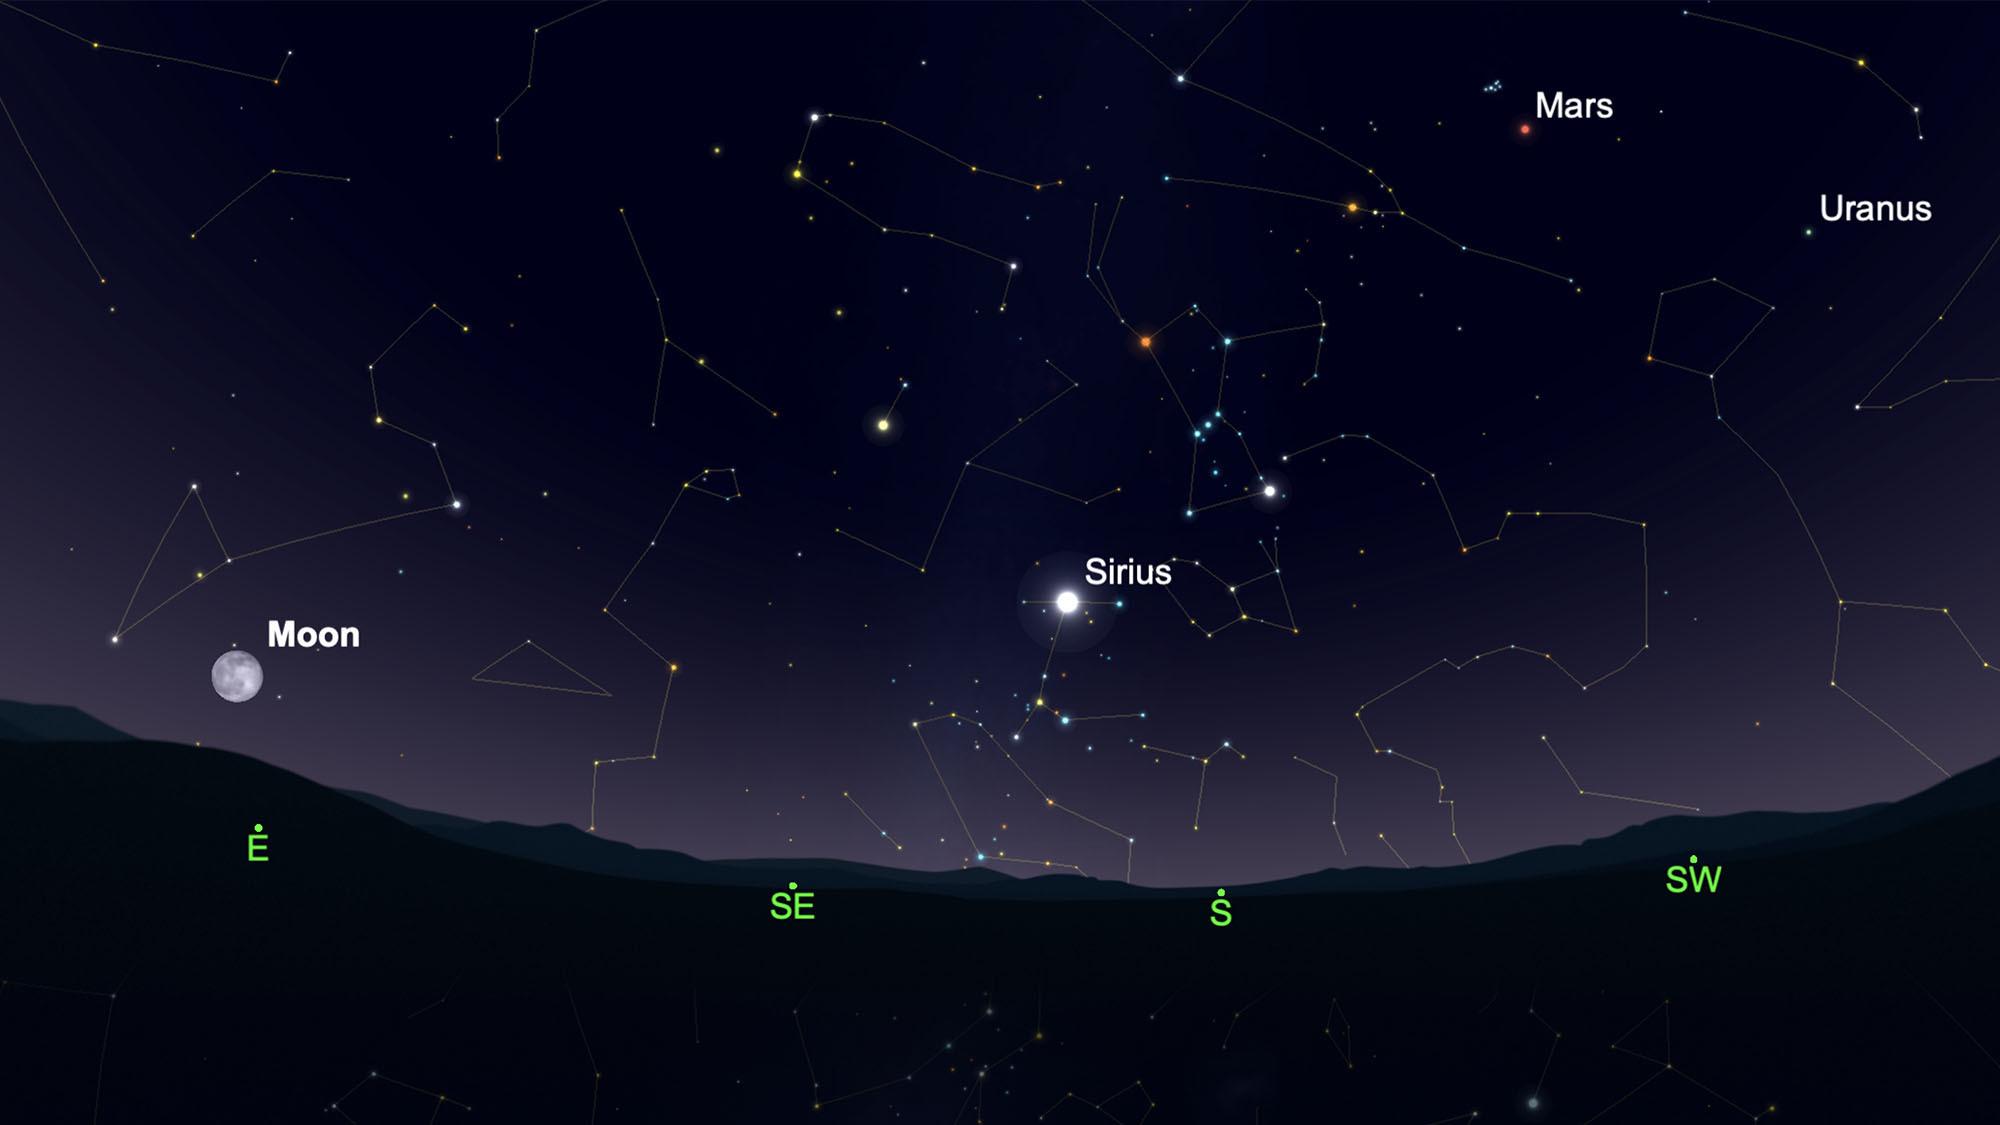 Mars sera haut dans le ciel sud-ouest lorsque la pleine lune de neige se lèvera le soir du samedi 27 février.